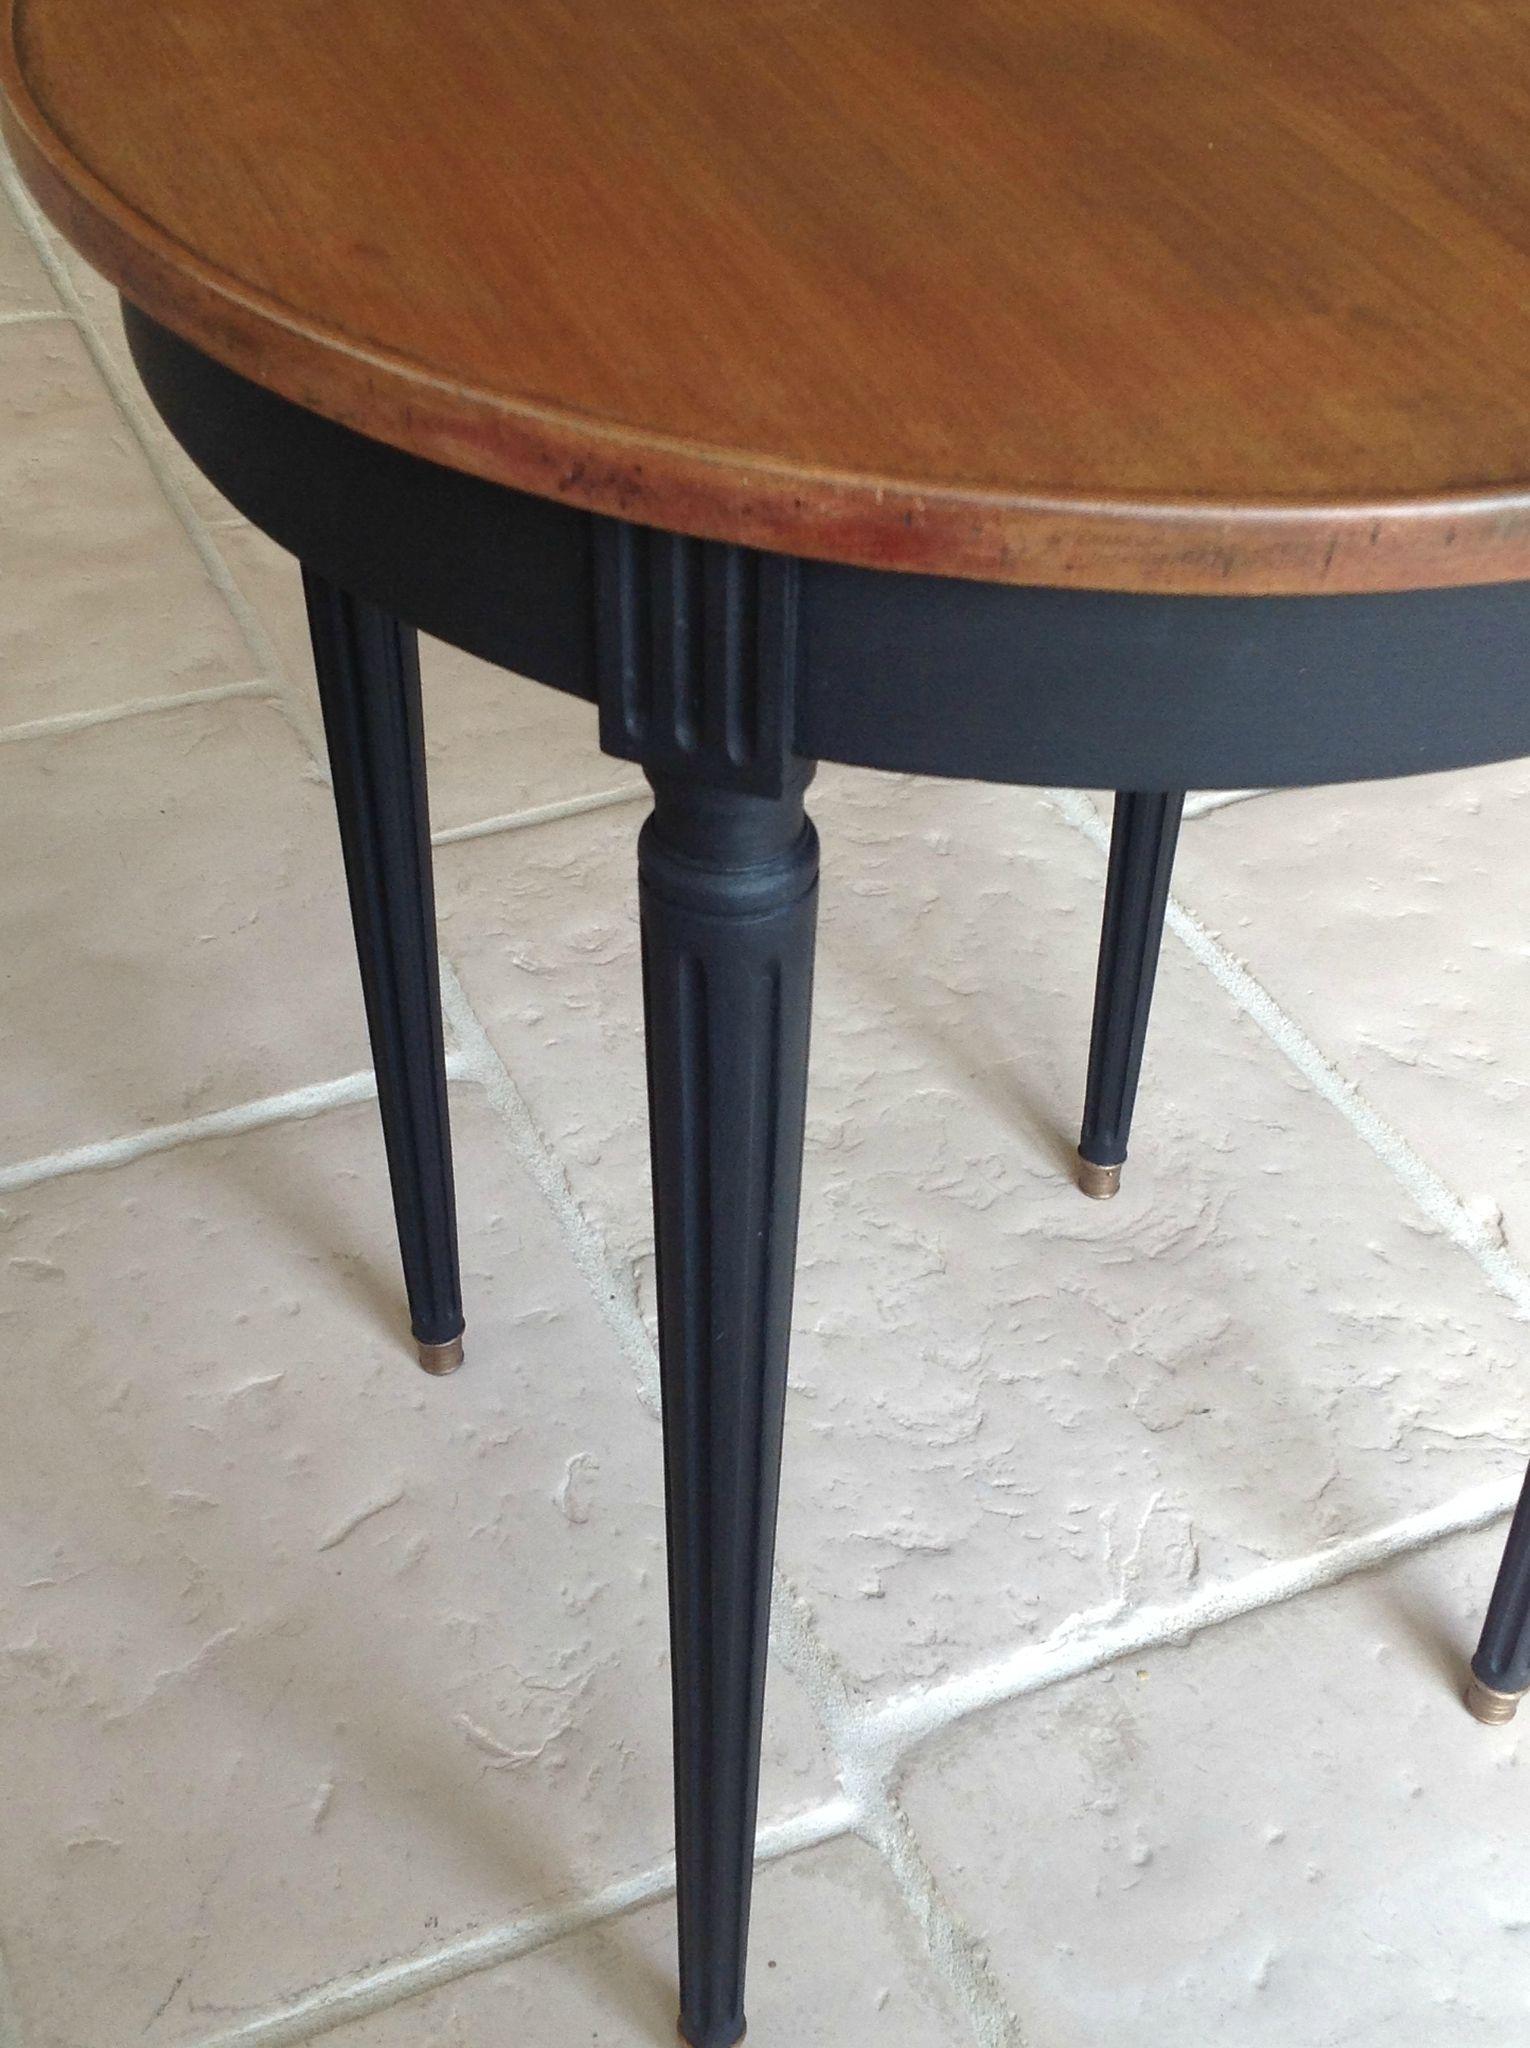 PATINE NOIRE MODERNE POUR UNE TABLE AUX LIGNES CLASSIQUES